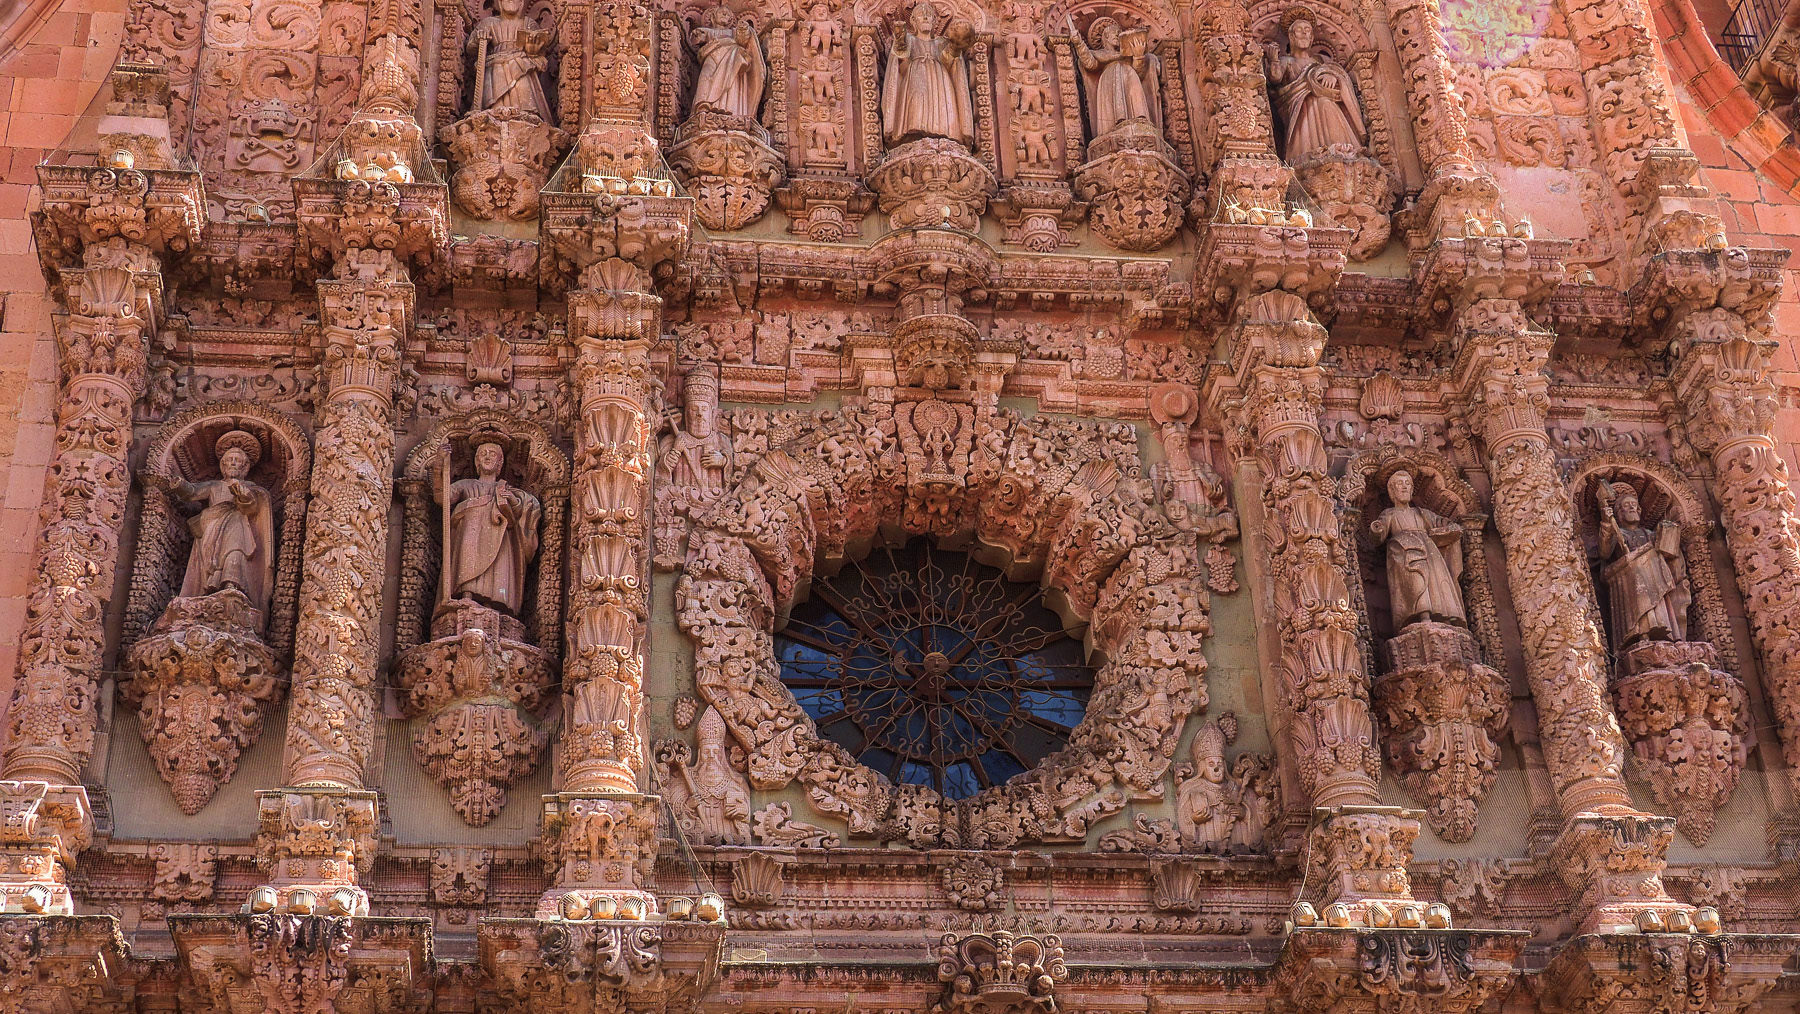 Detailreiche Hauptfassade in rosafarbenem Stein